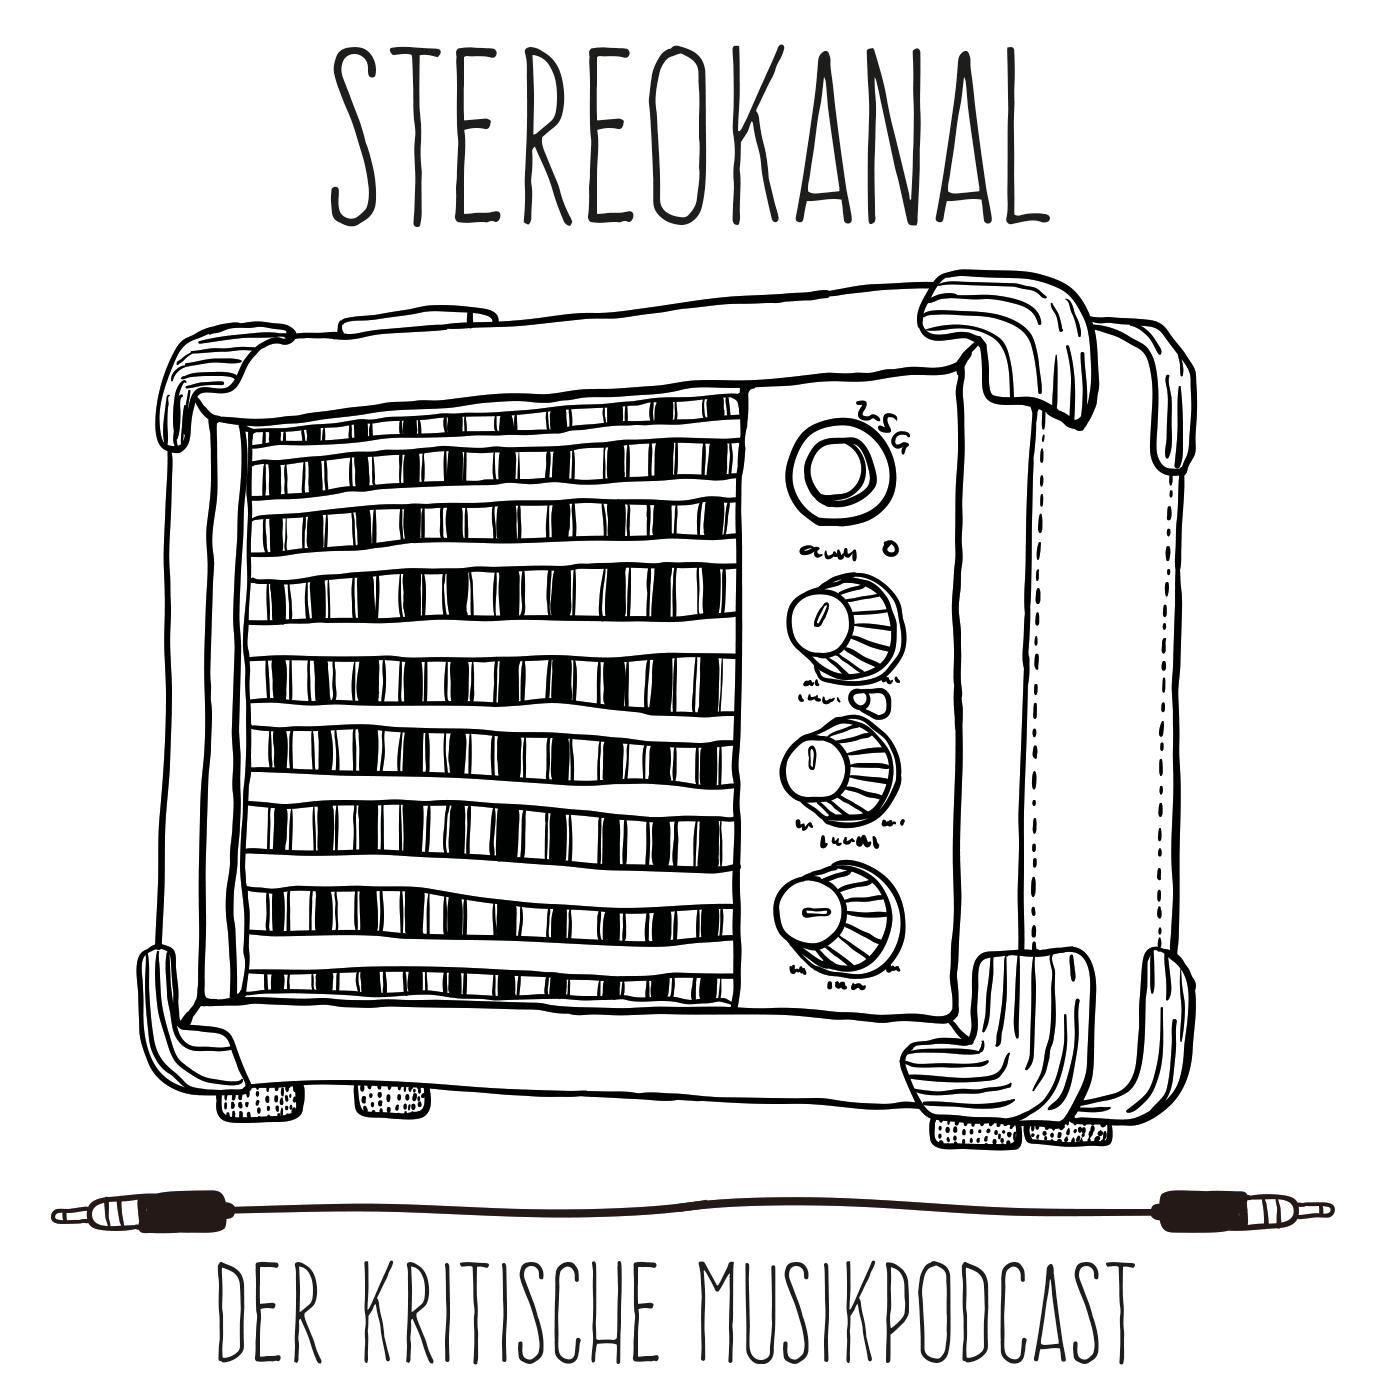 Stereokanal (Folgen)